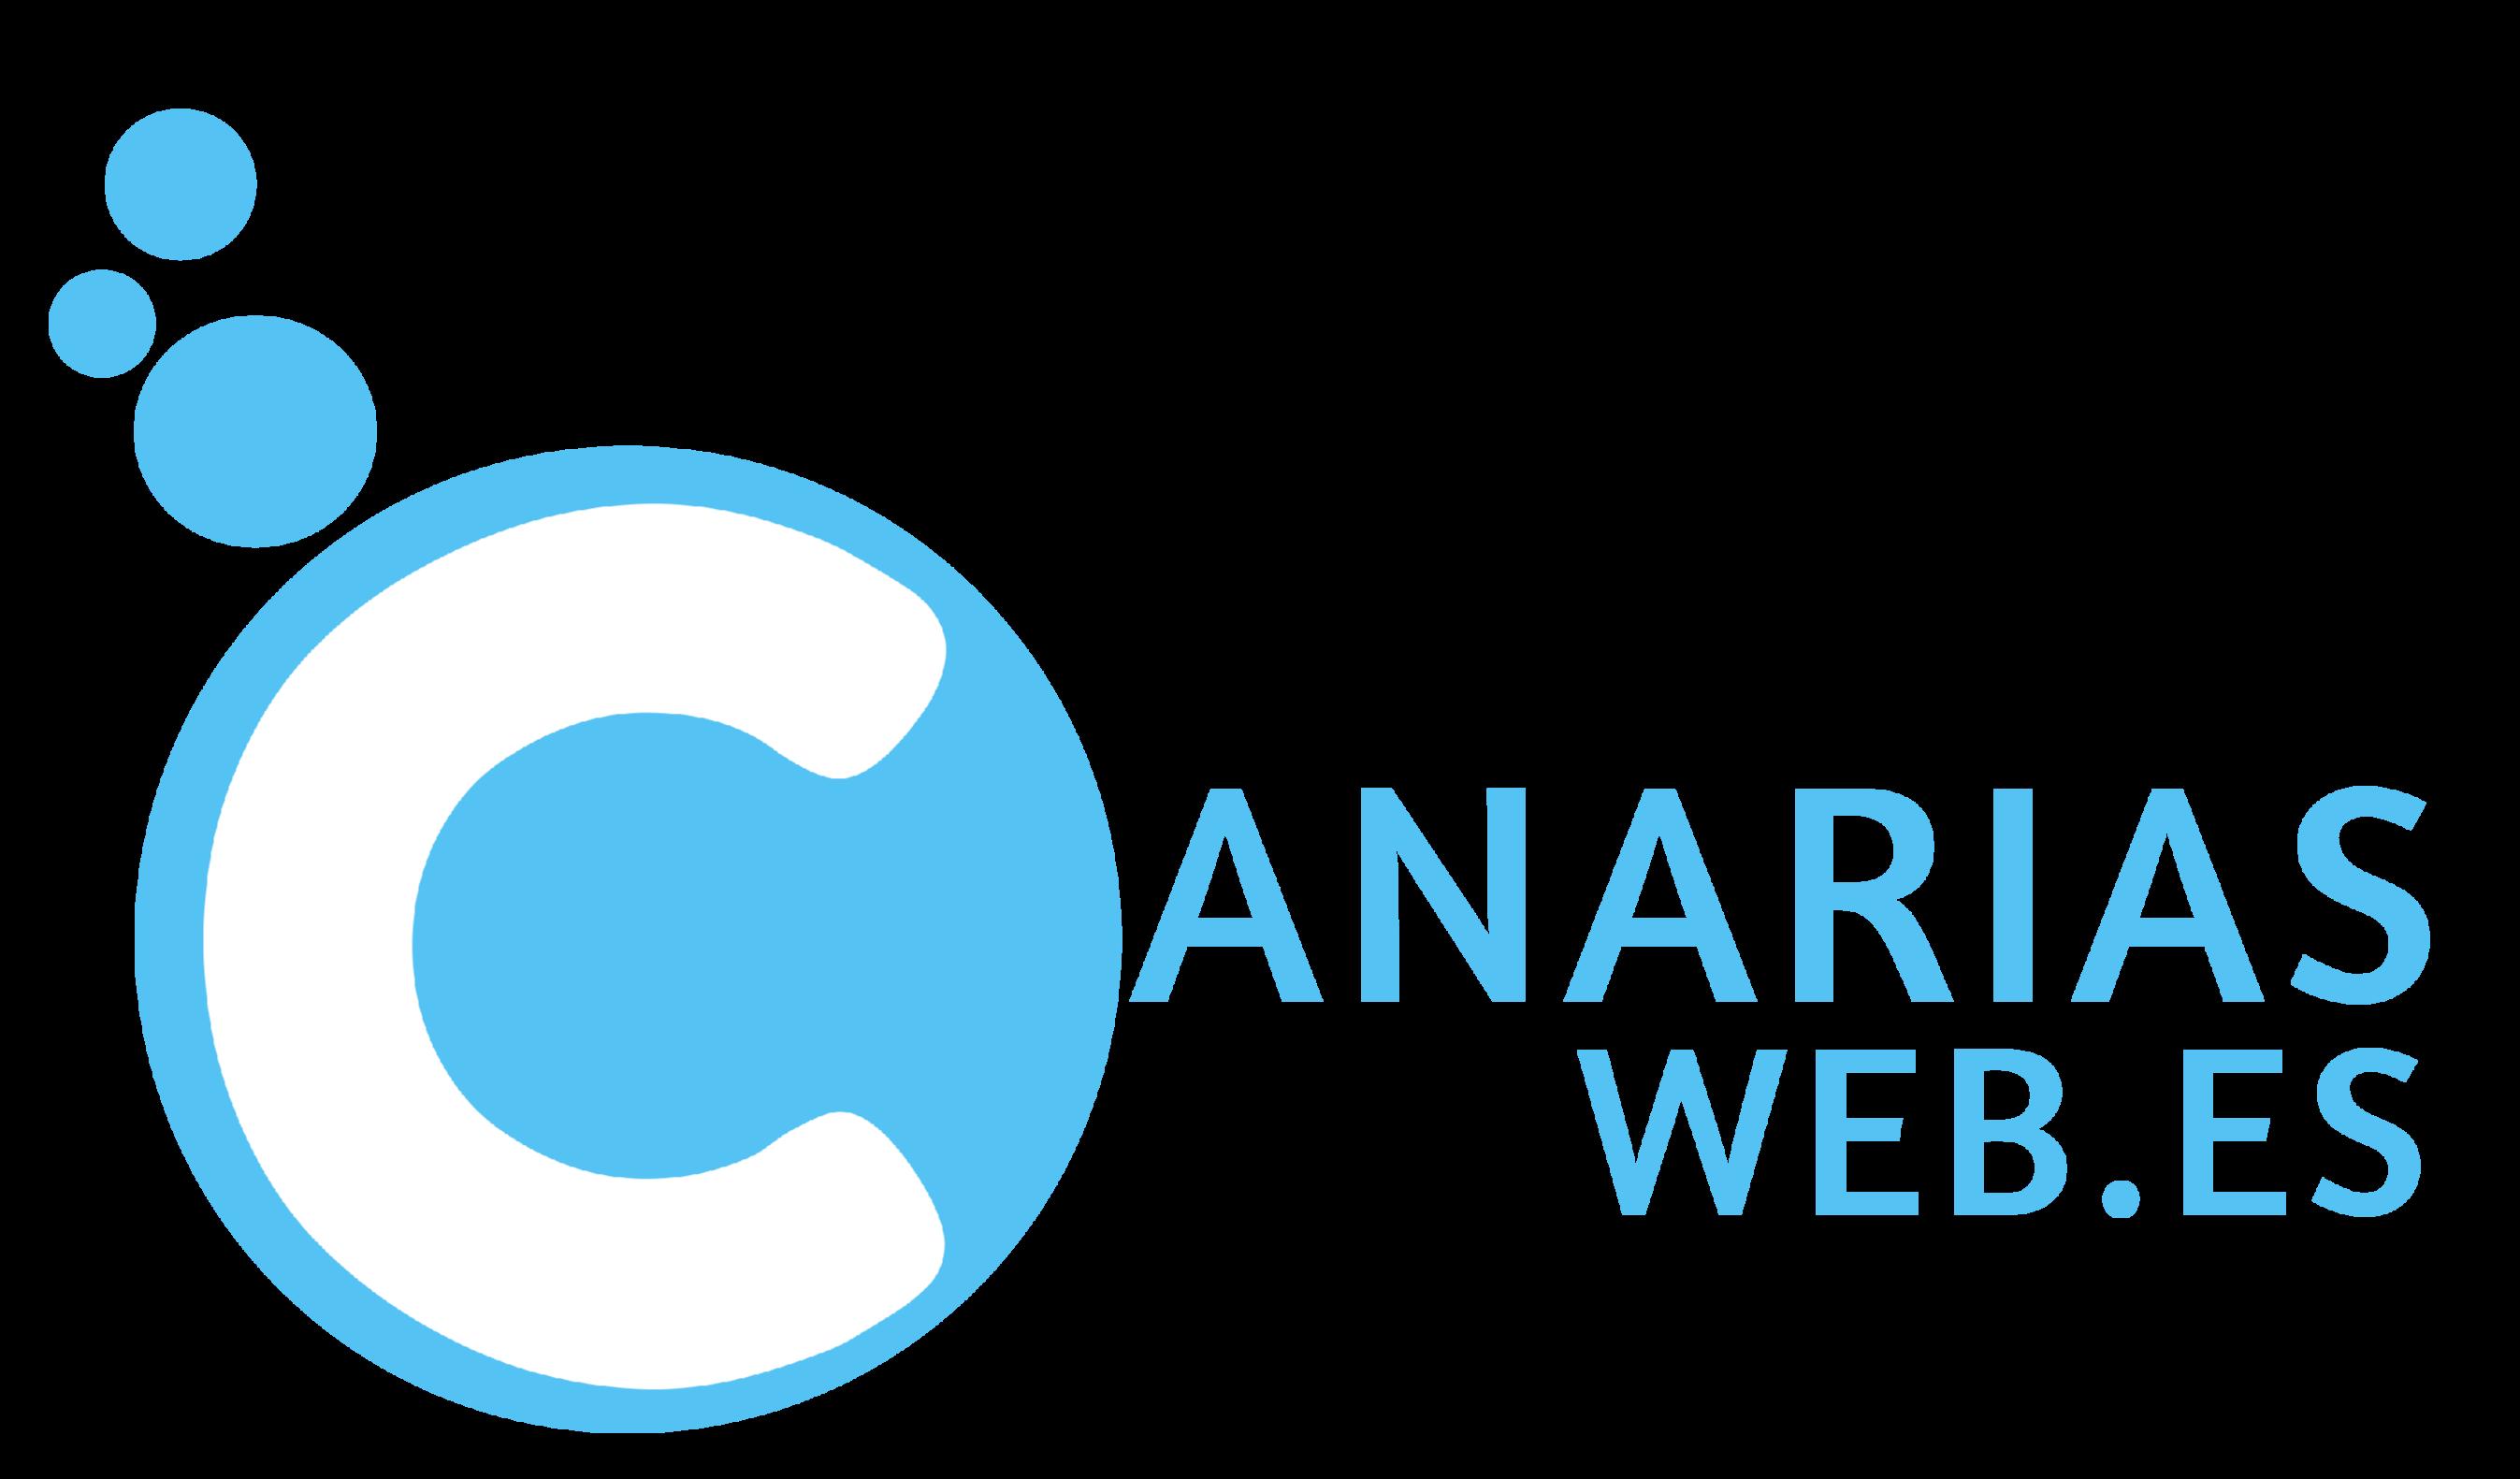 Canarias Web